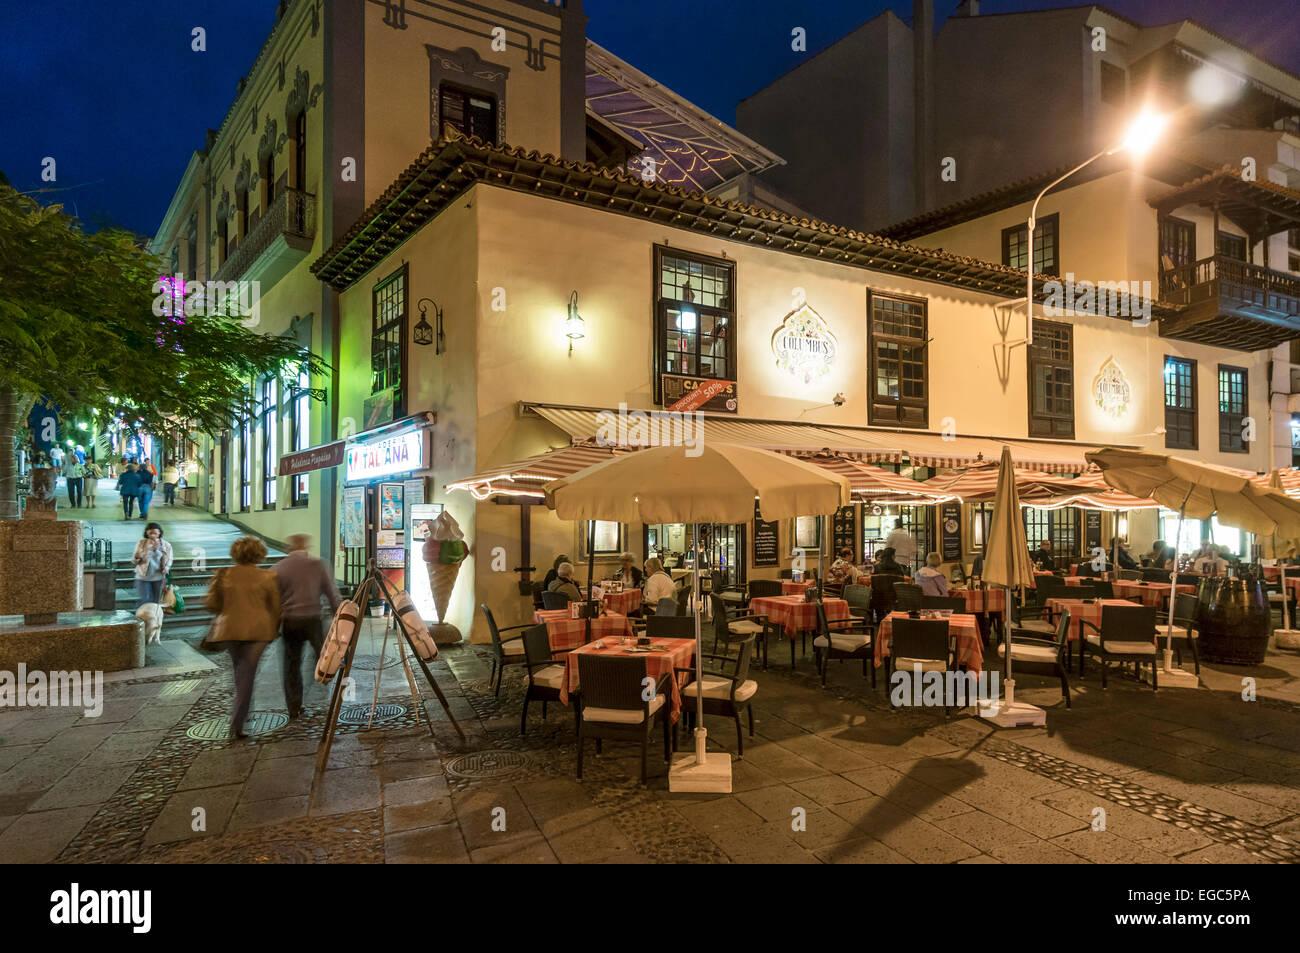 Puerto De La Cruz Old Town Restaurants